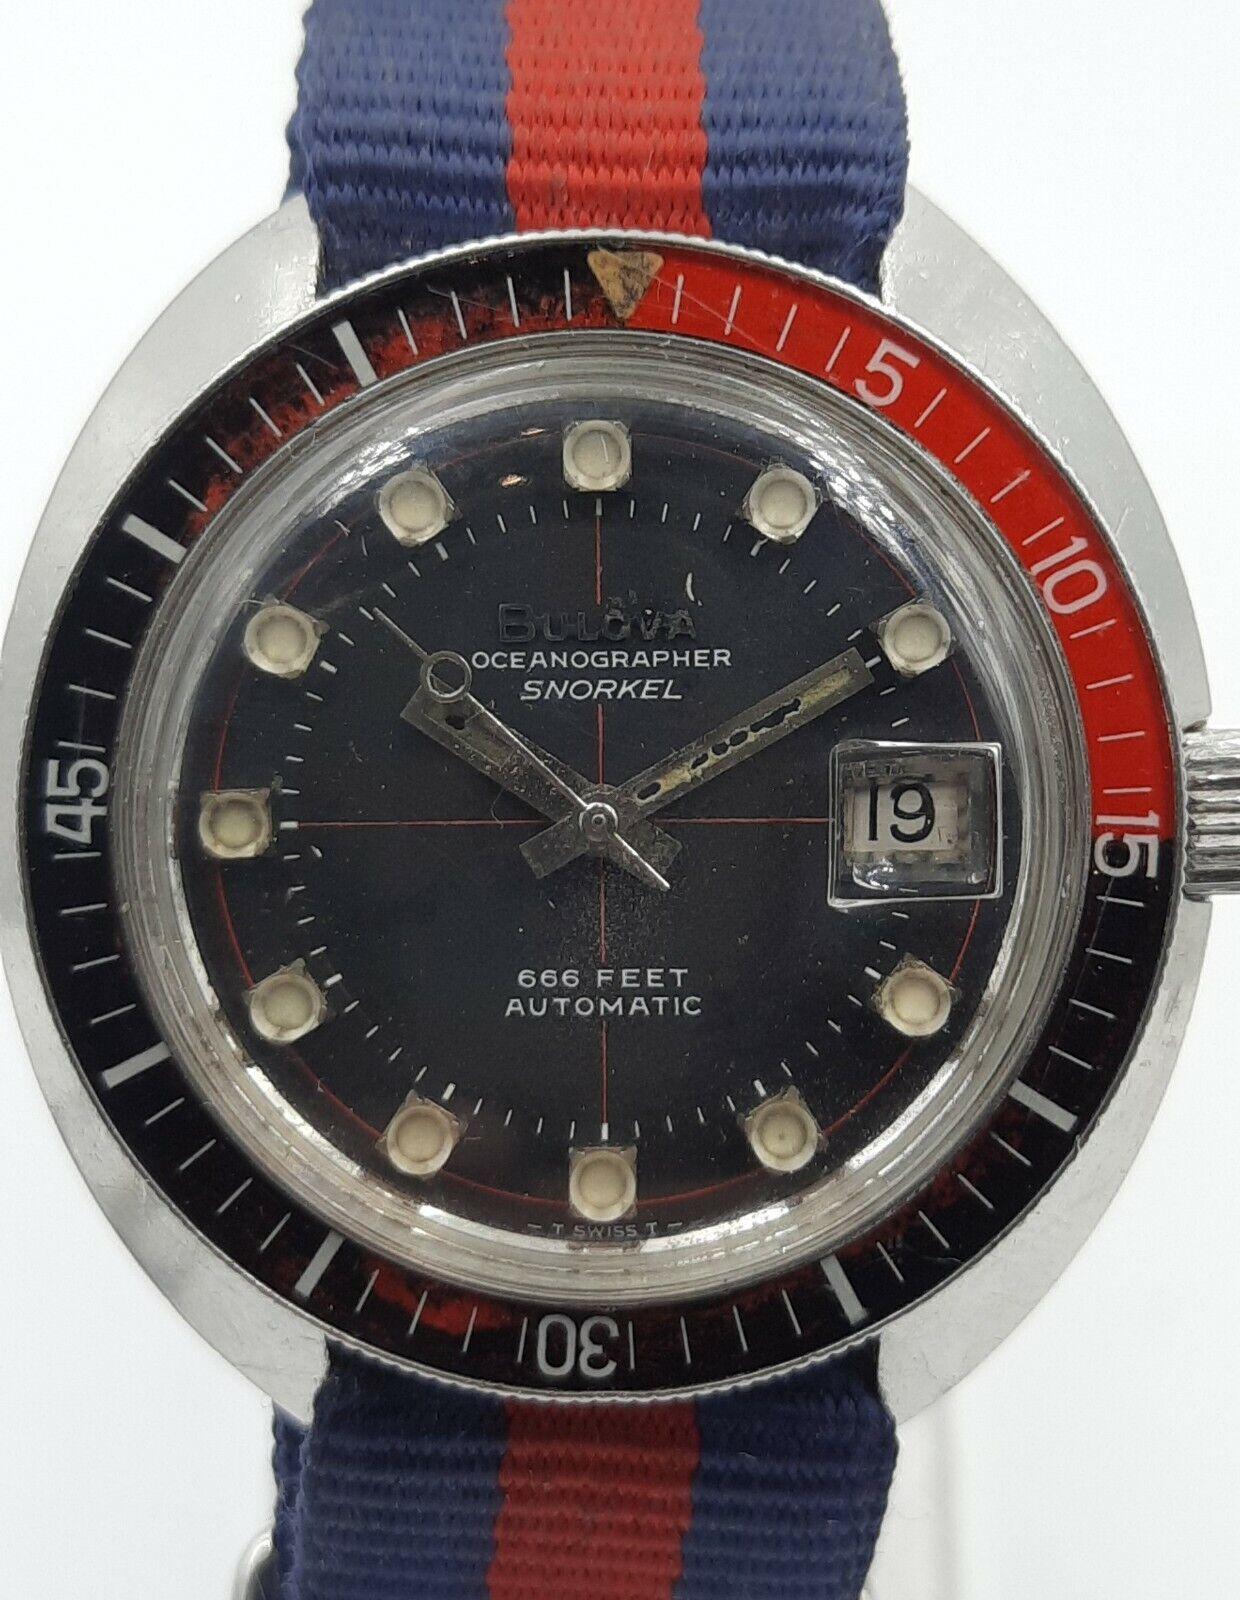 Image 1 -  Original vintage 1969 Bulova Oceanographer Snorkel 666 Devil Diver M9.